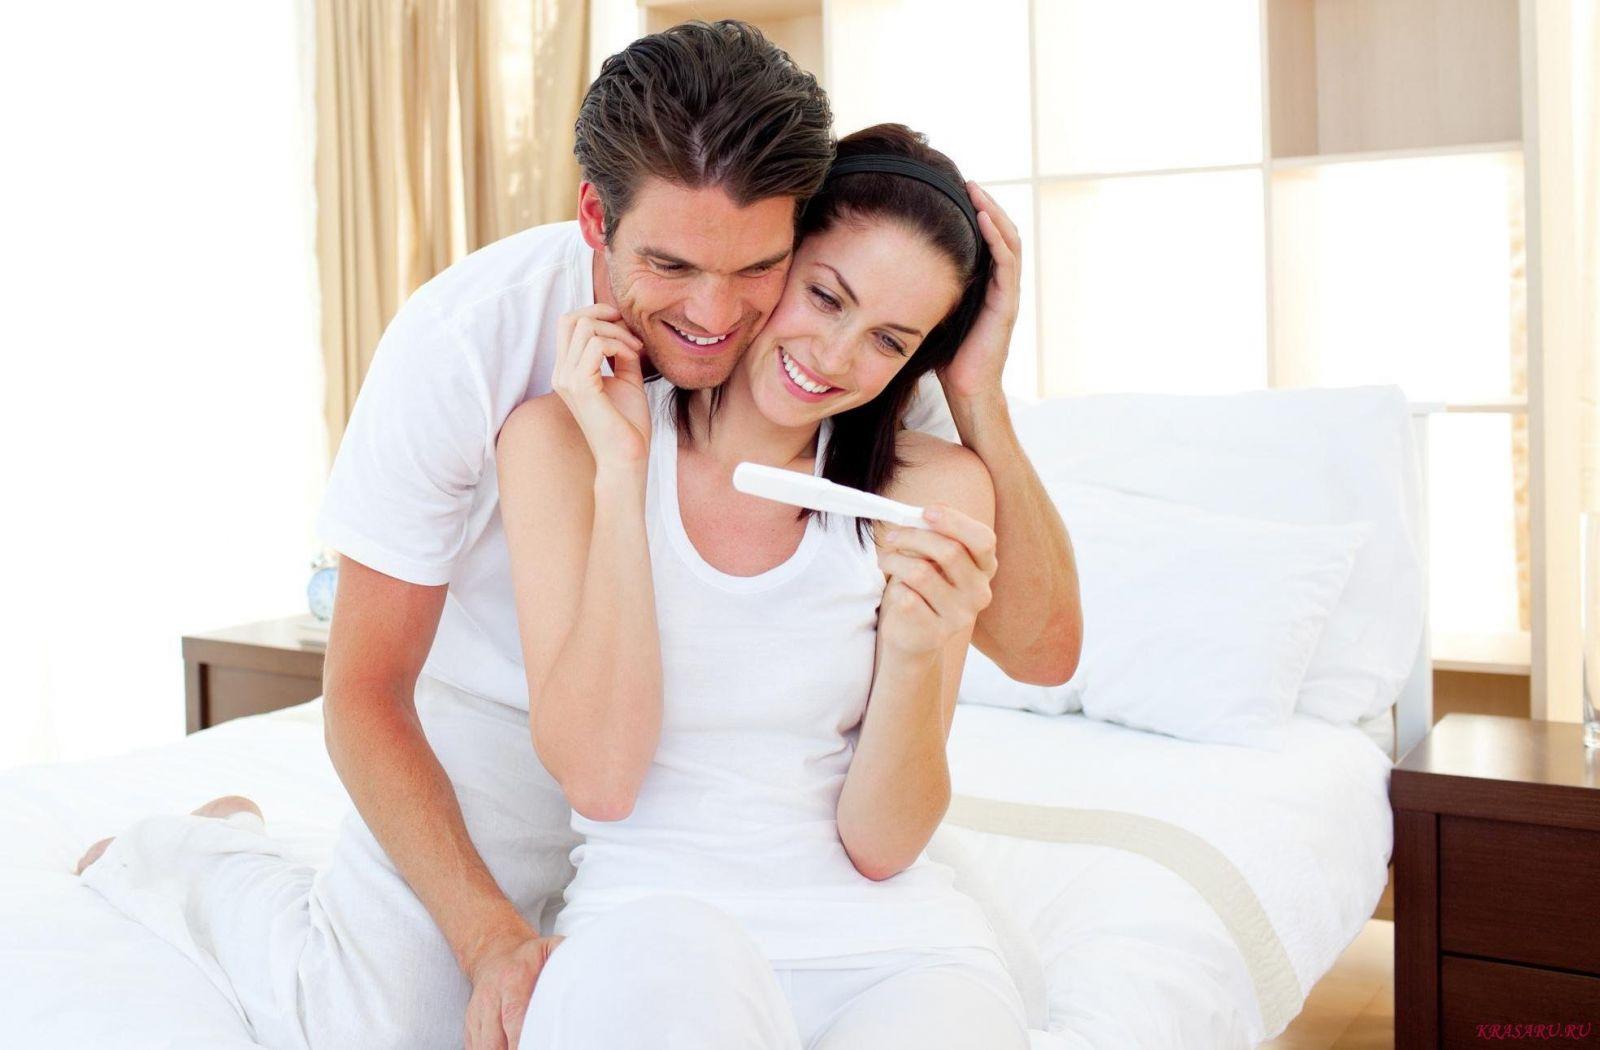 Интересный способ предложить секс мужу